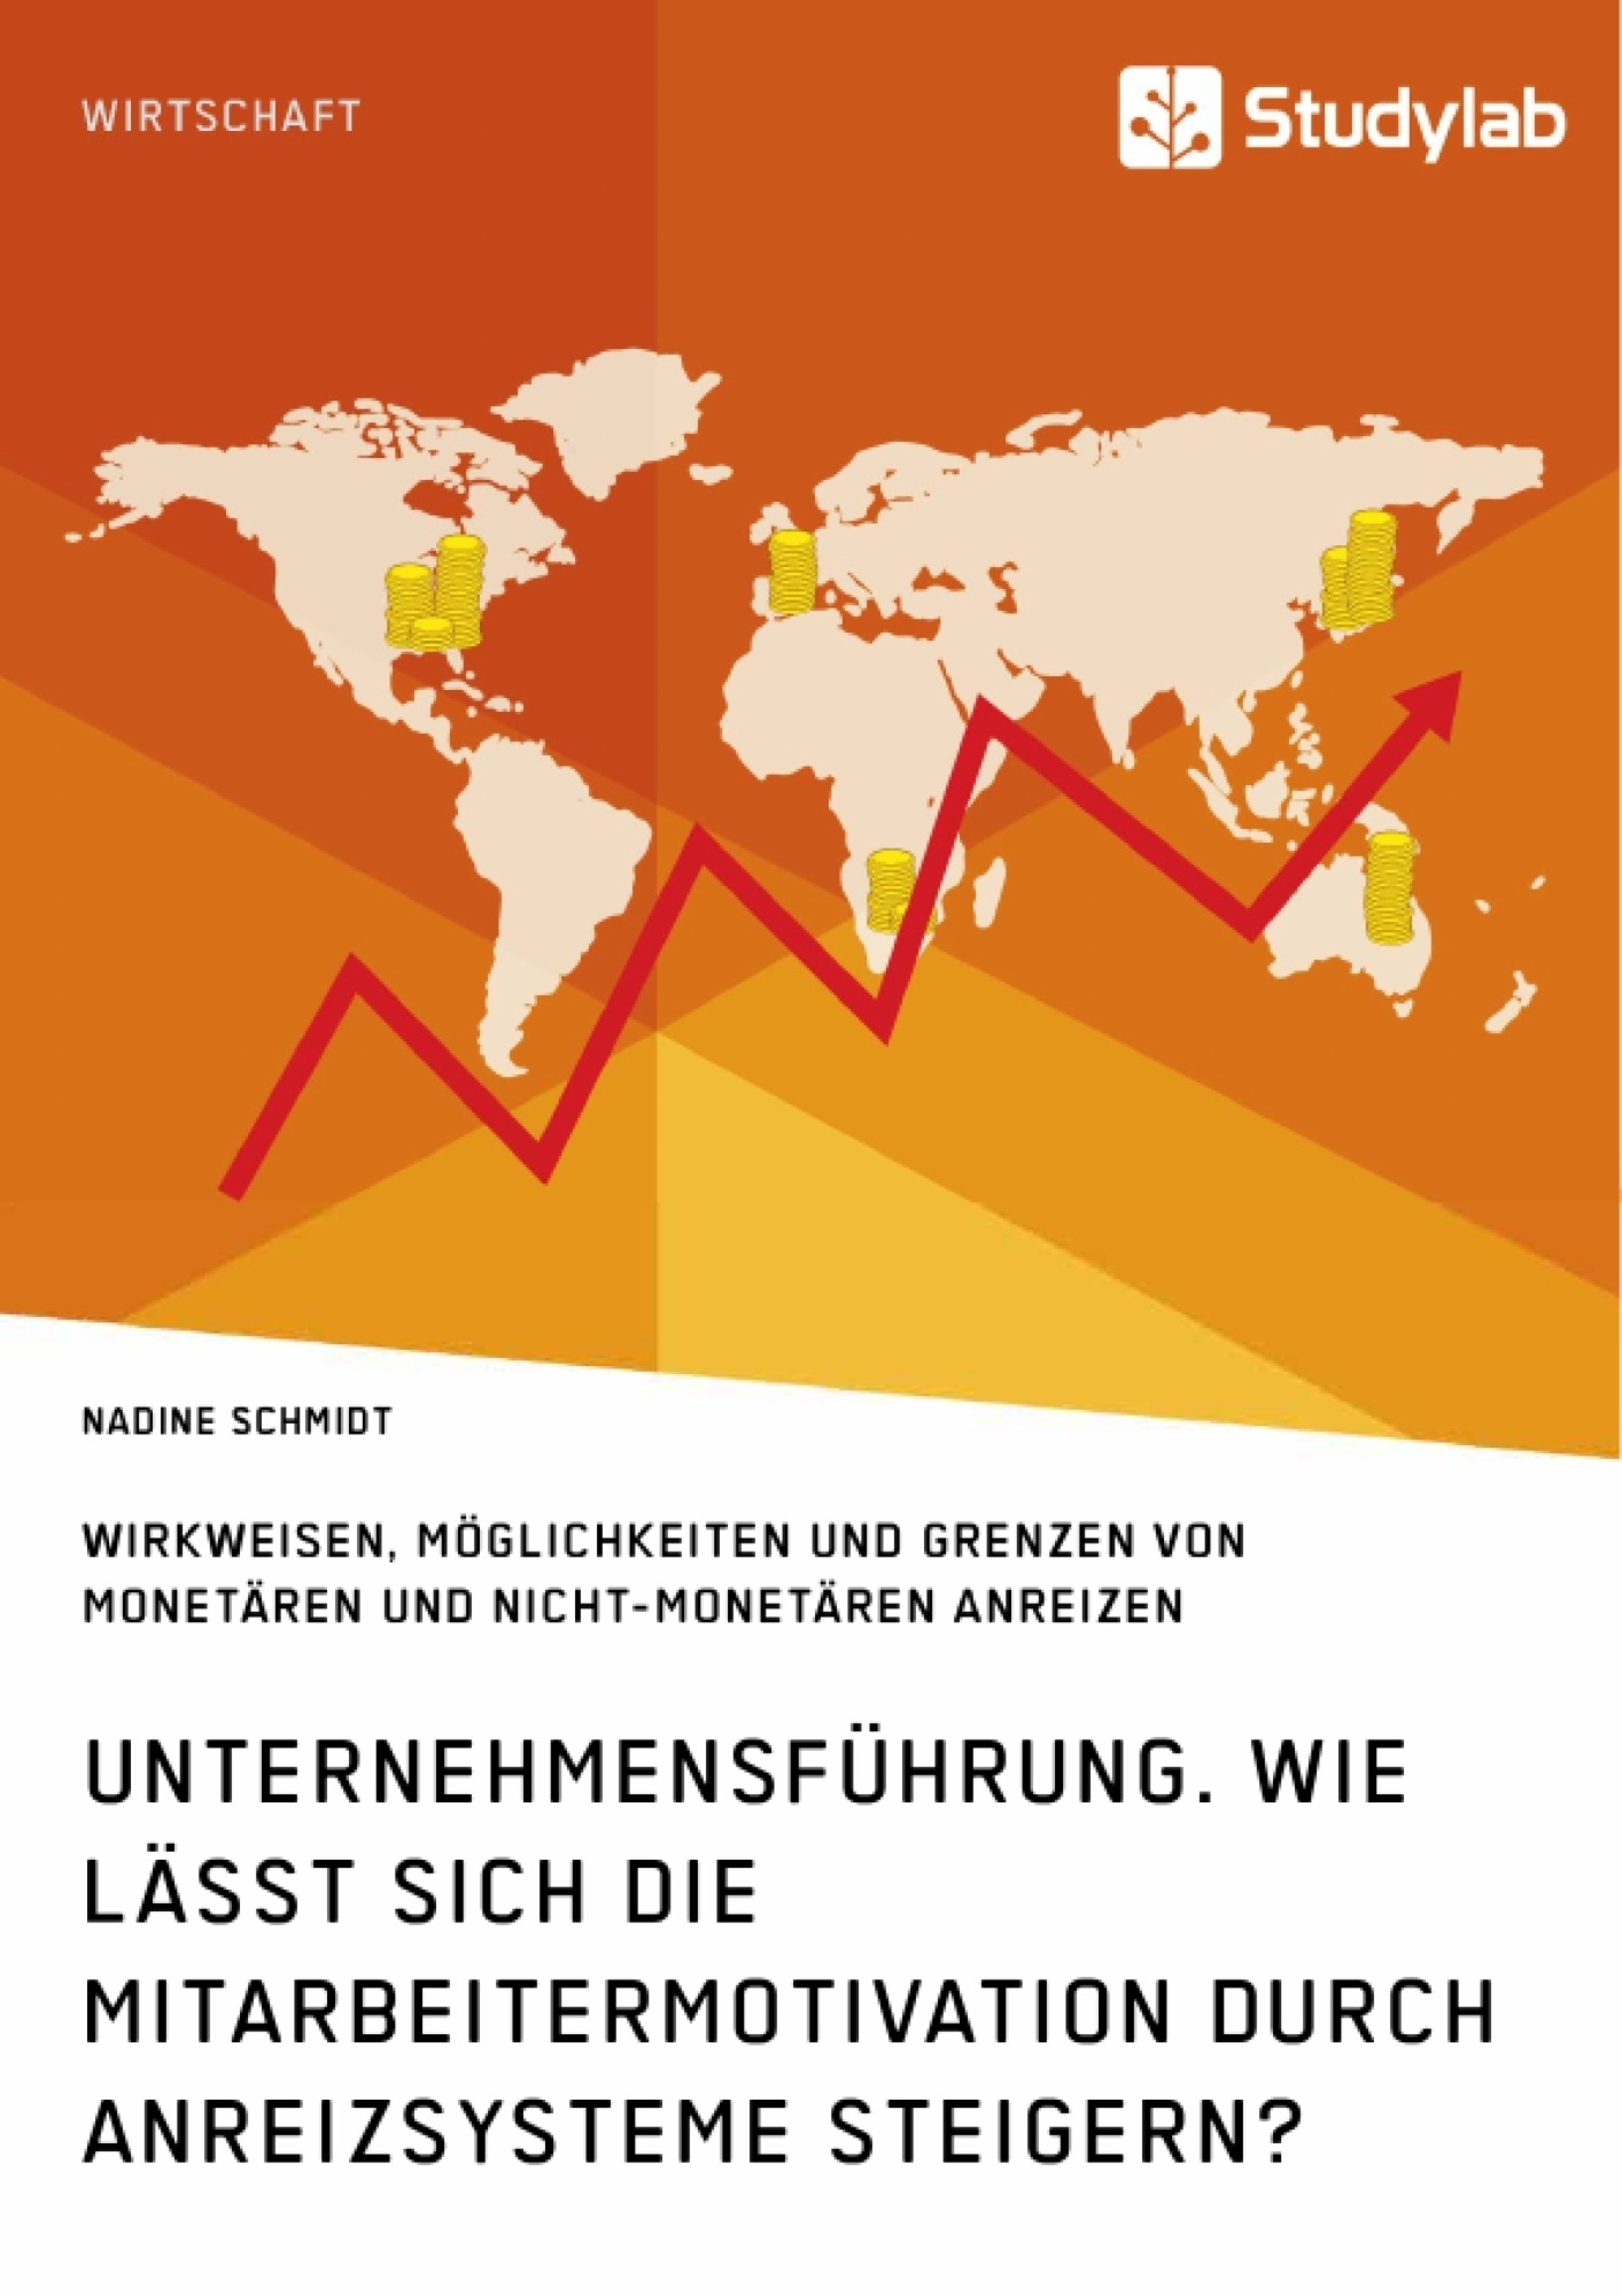 Titel: Unternehmensführung. Wie lässt sich die Mitarbeitermotivation durch Anreizsysteme steigern?